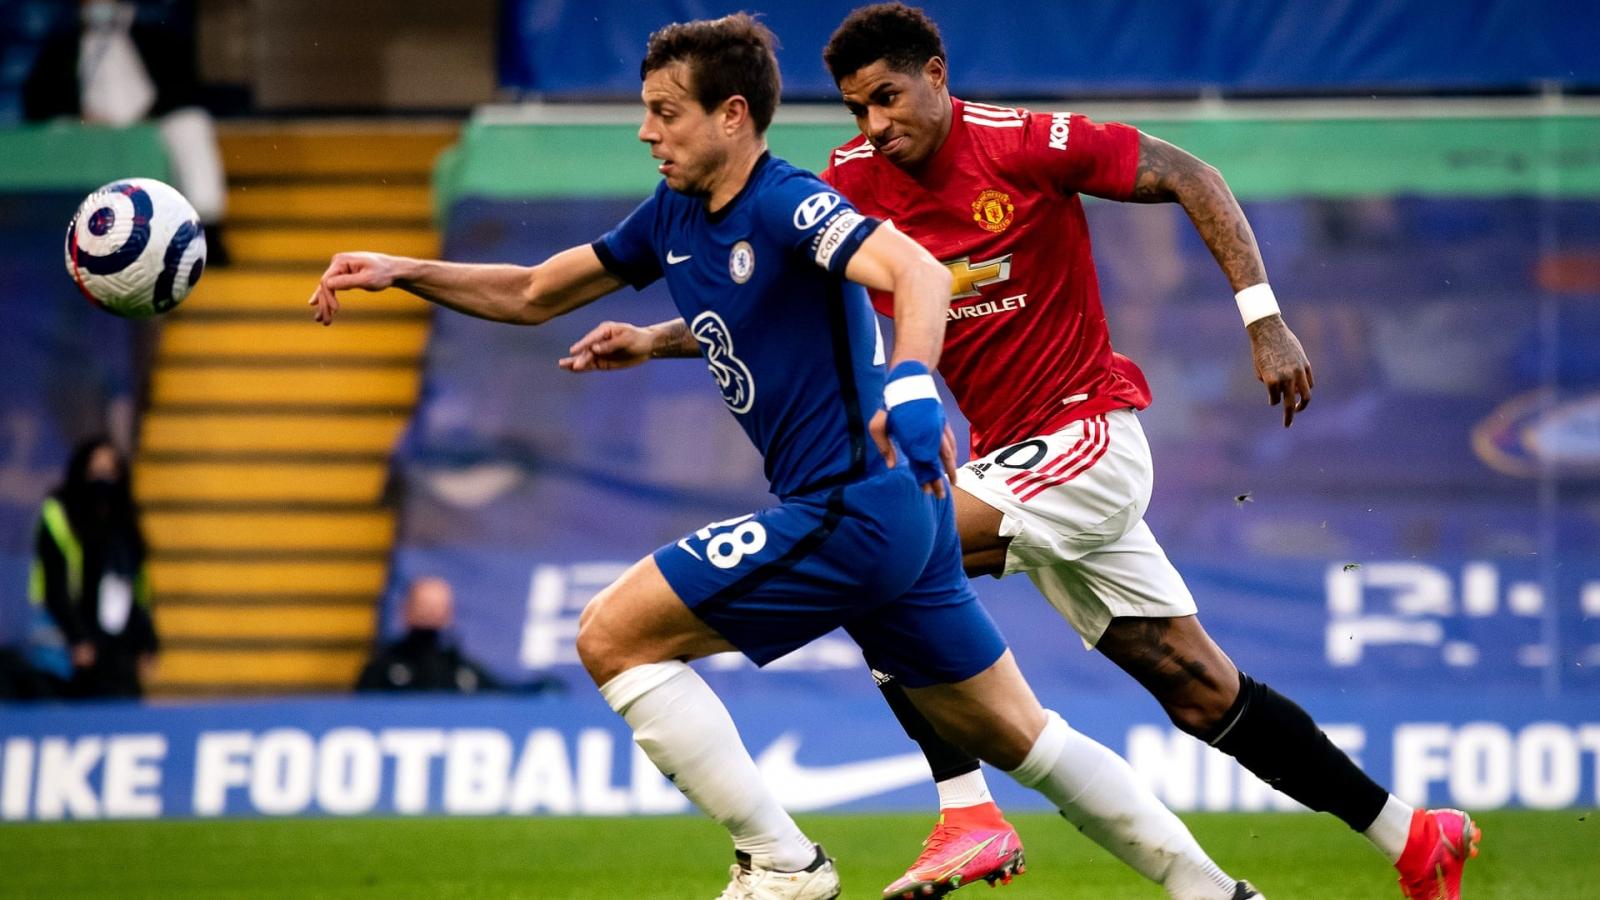 Chia điểm trên sân Chelsea, MU kém đội đầu bảng Man City 12 điểm